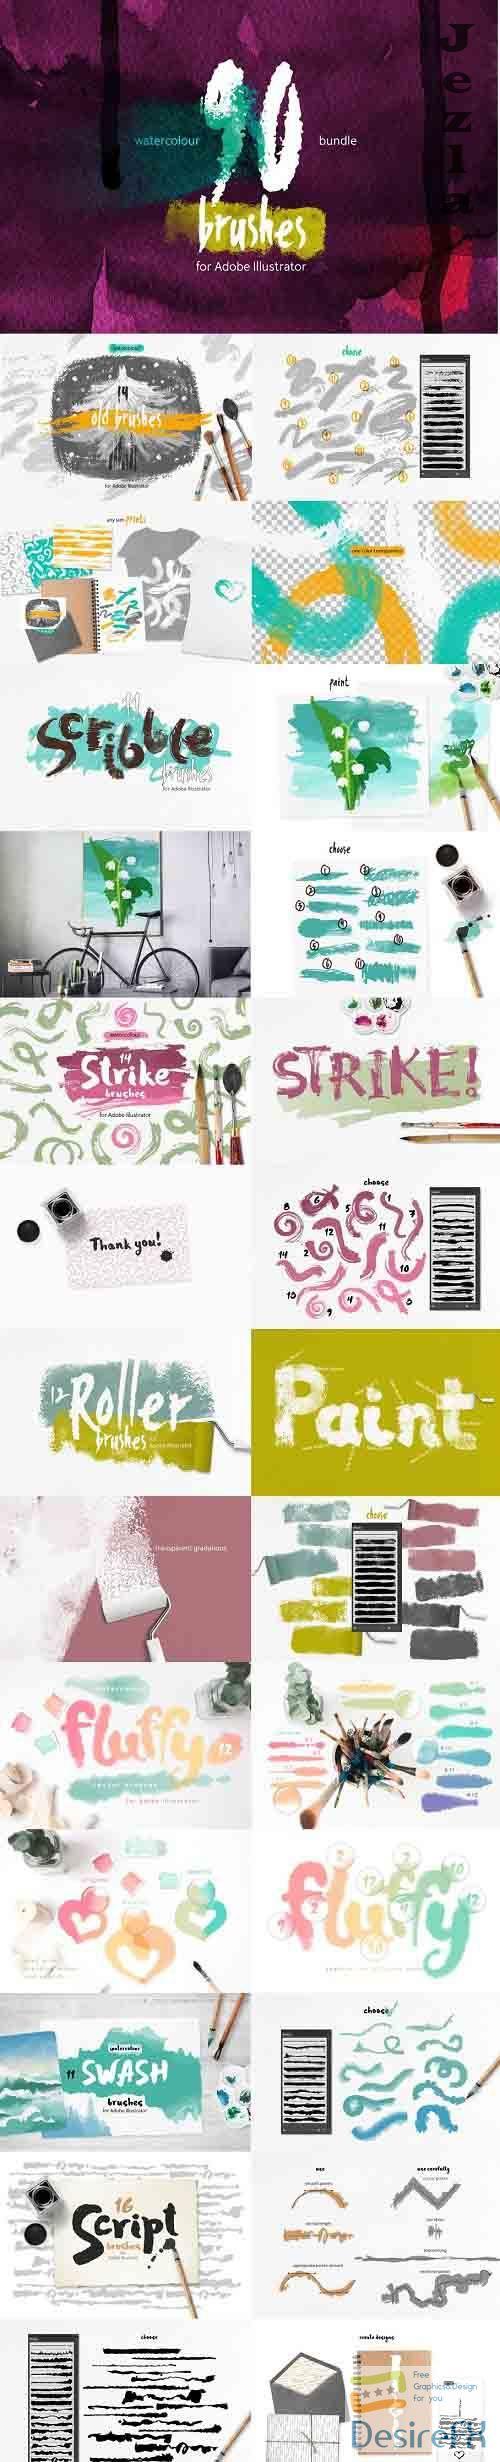 90 Watercolor Brushes BUNDLE - 3659430